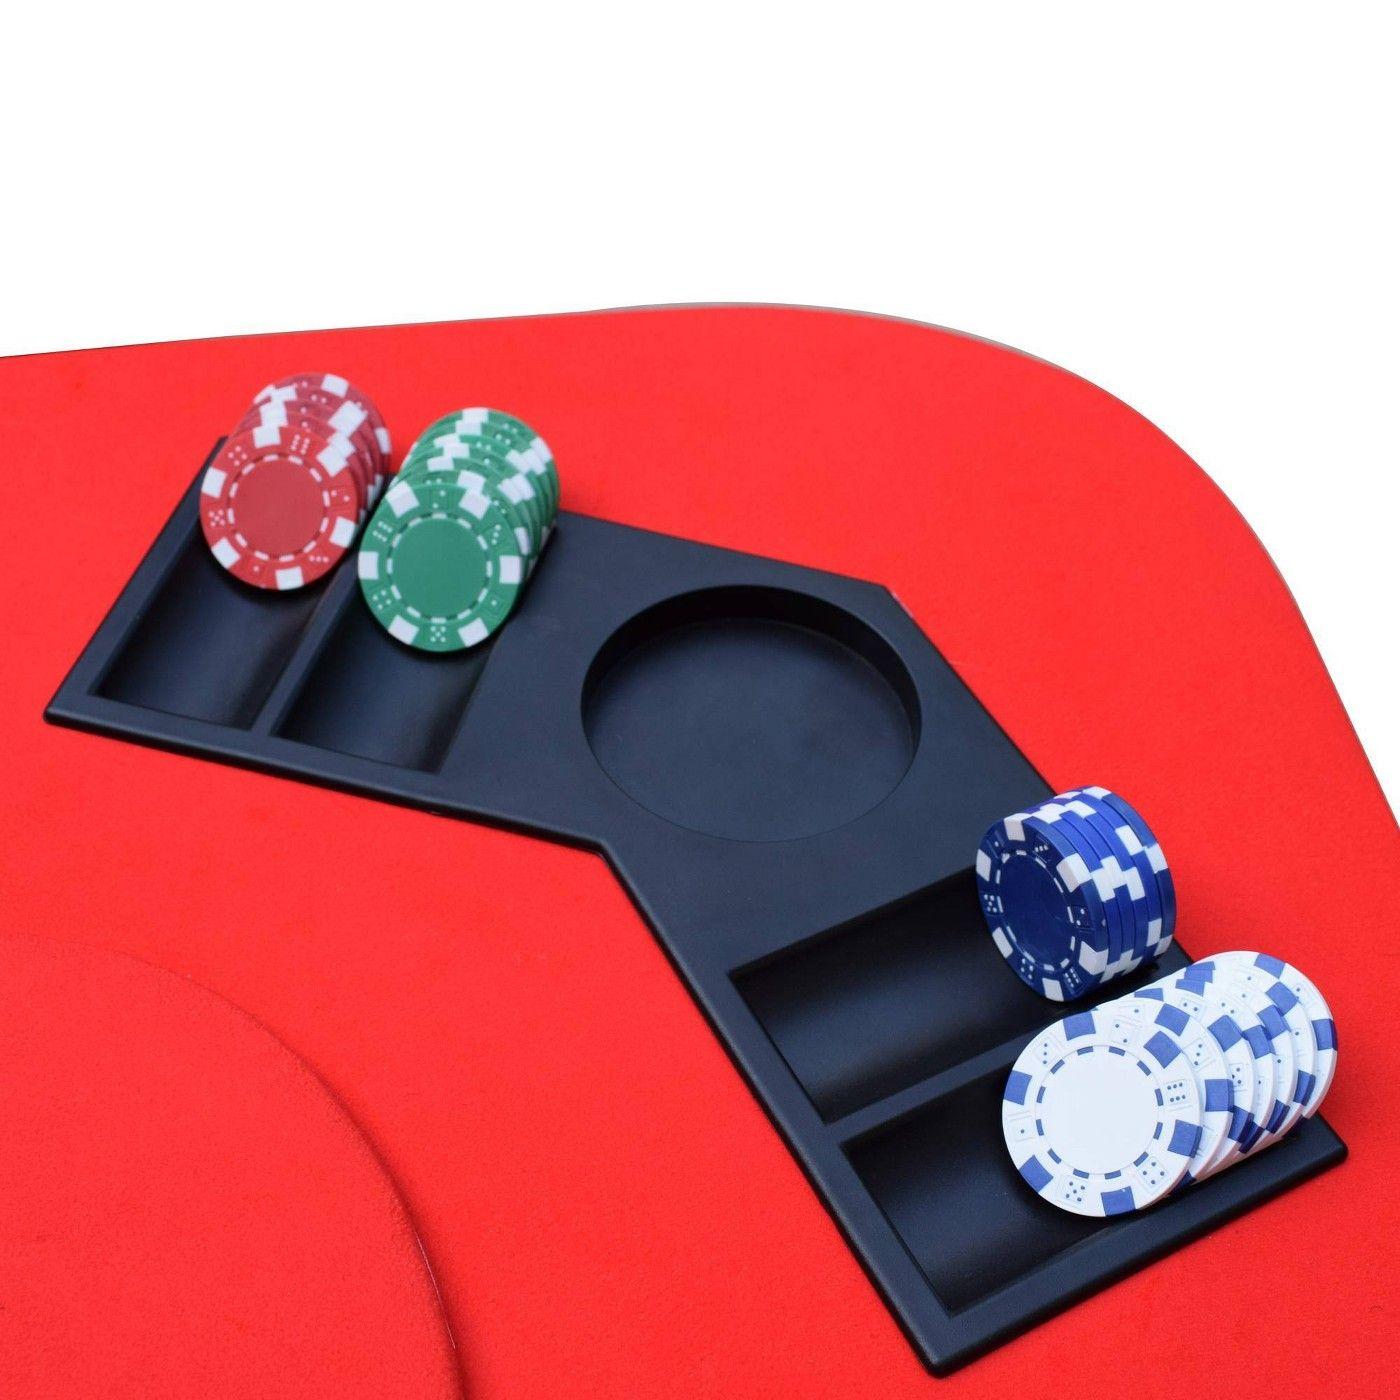 Hathaway No Limit 3in1 Portable Casino Tabletop